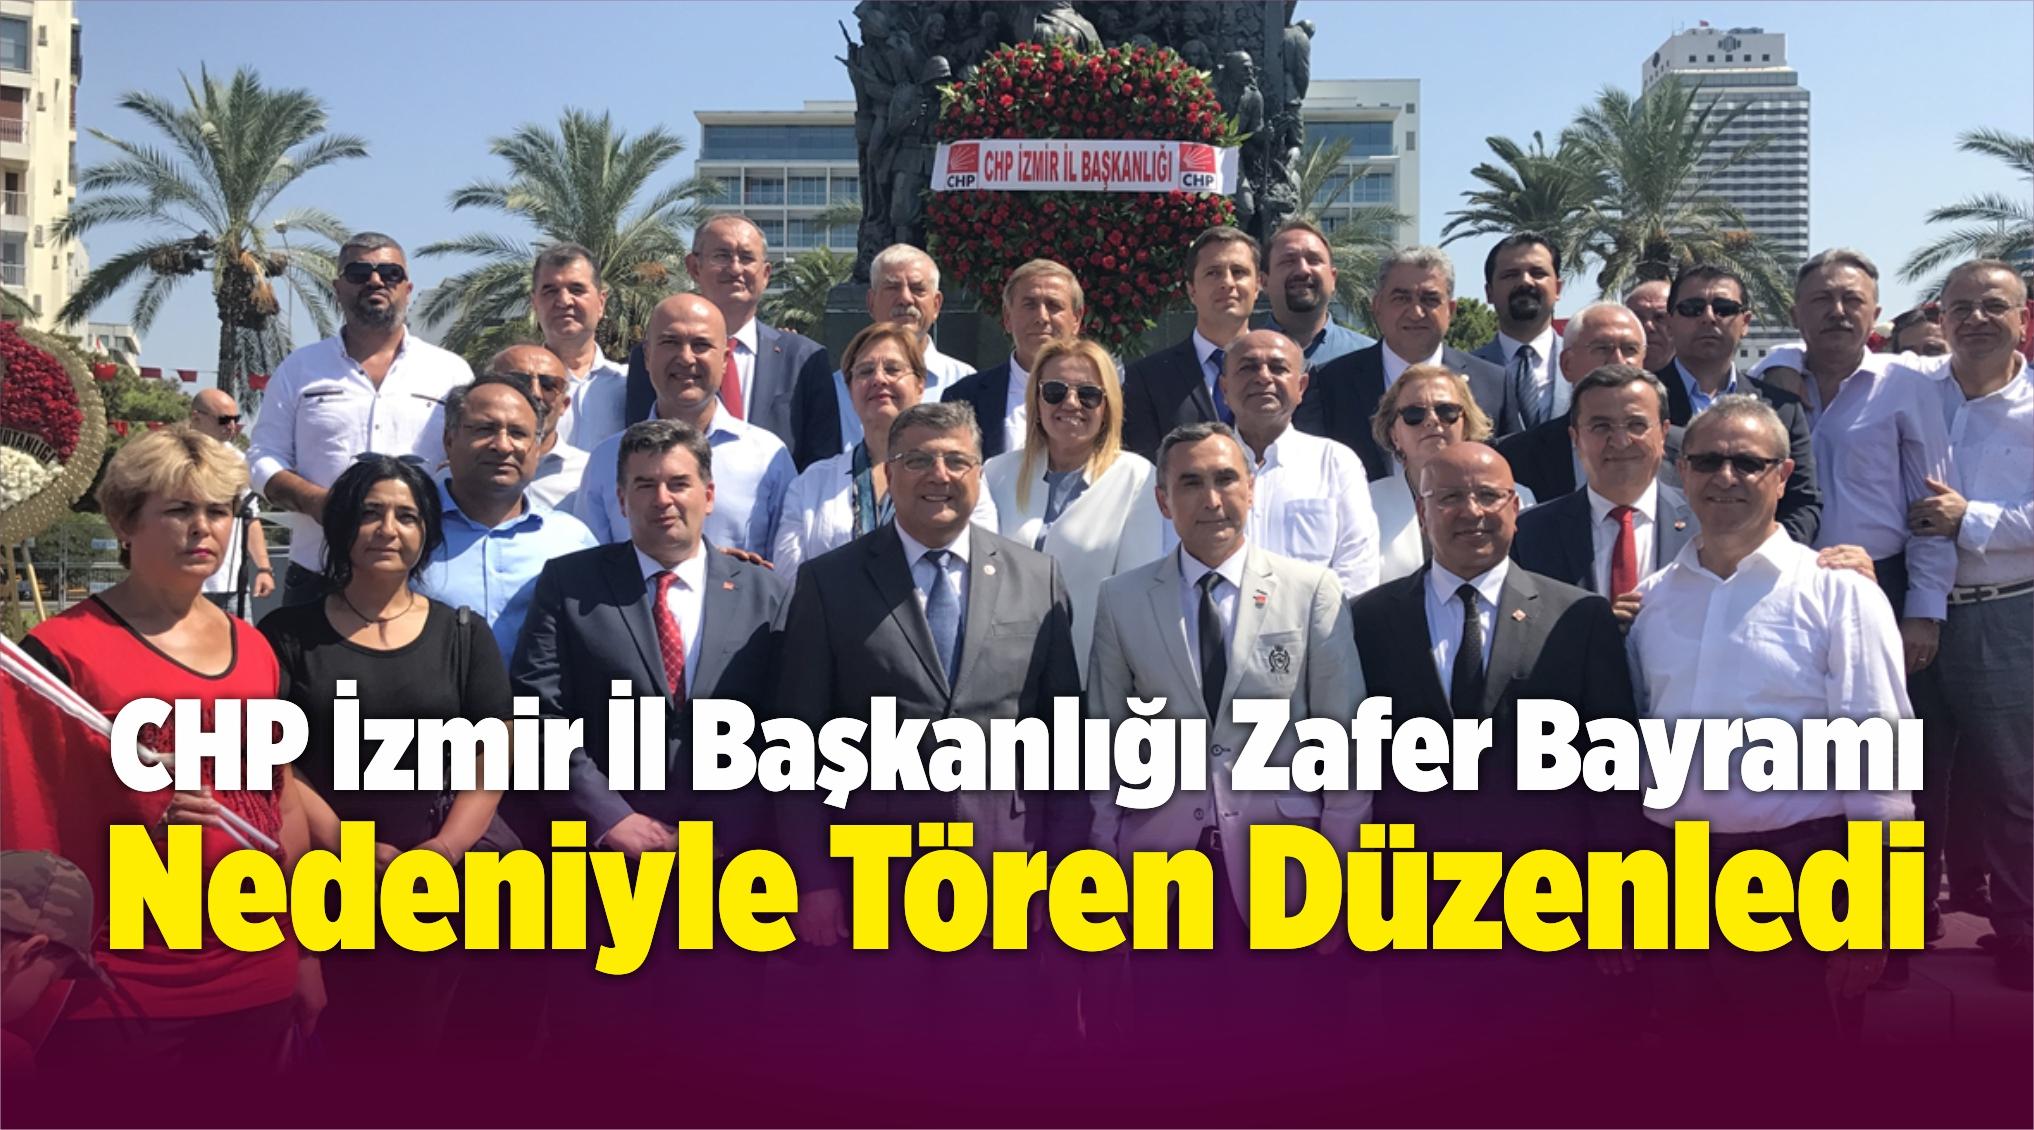 CHP İzmir İl Başkanlığı Zafer Bayramı Nedeniyle Tören Düzenledi